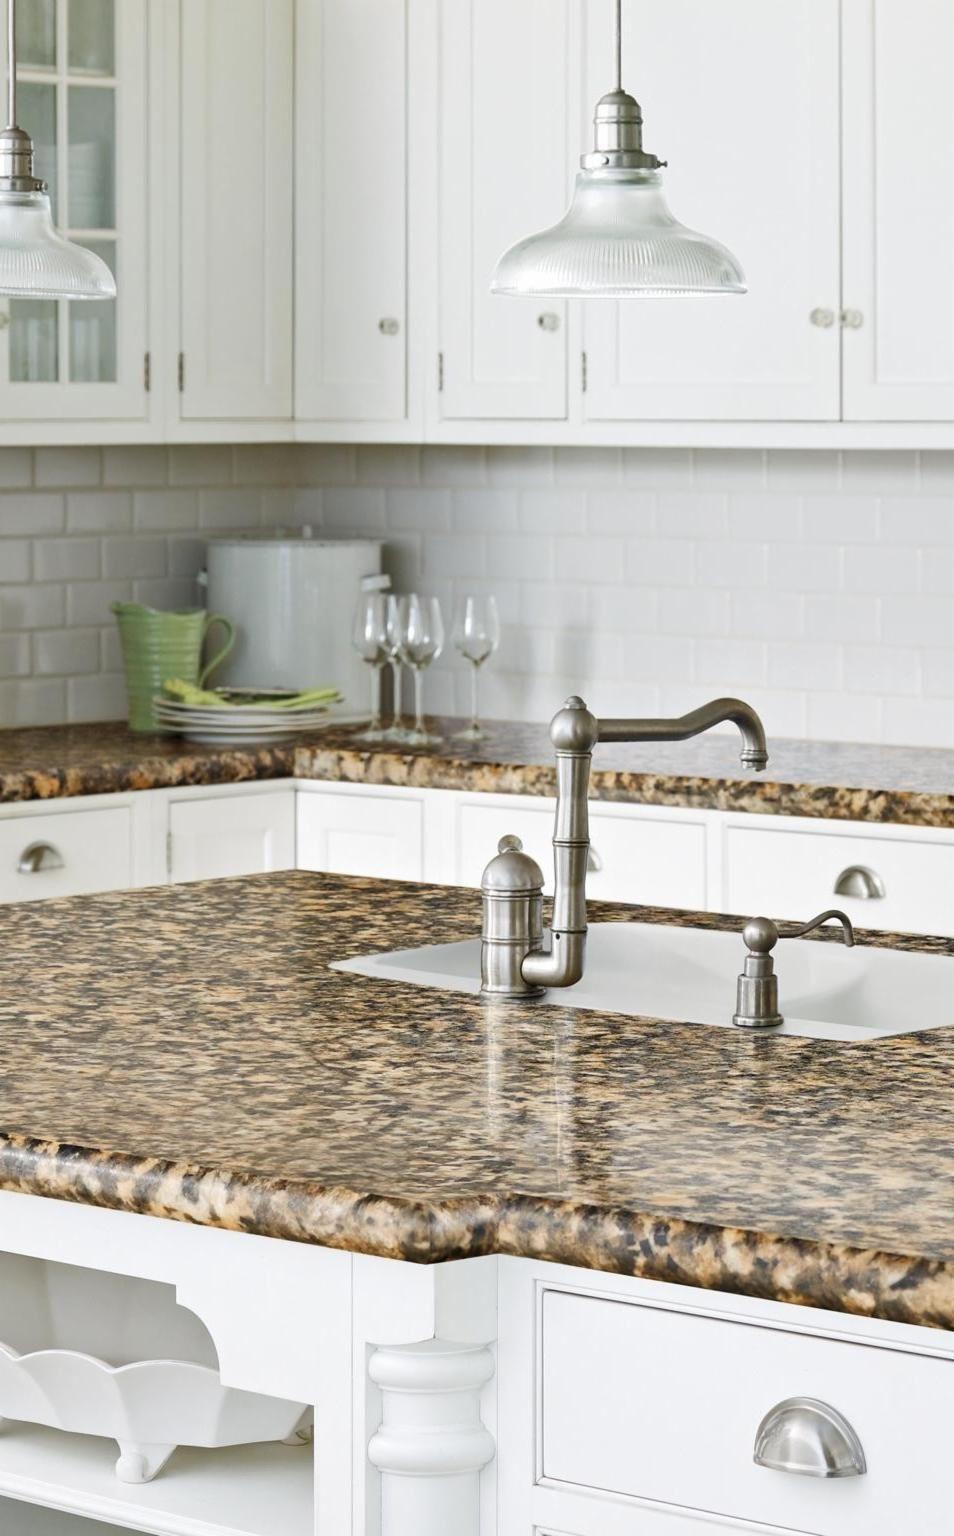 Granite Countertops Waldorf Md 2021 Granite Countertops Kitchen Kitchen Remodel Backsplash For White Cabinets